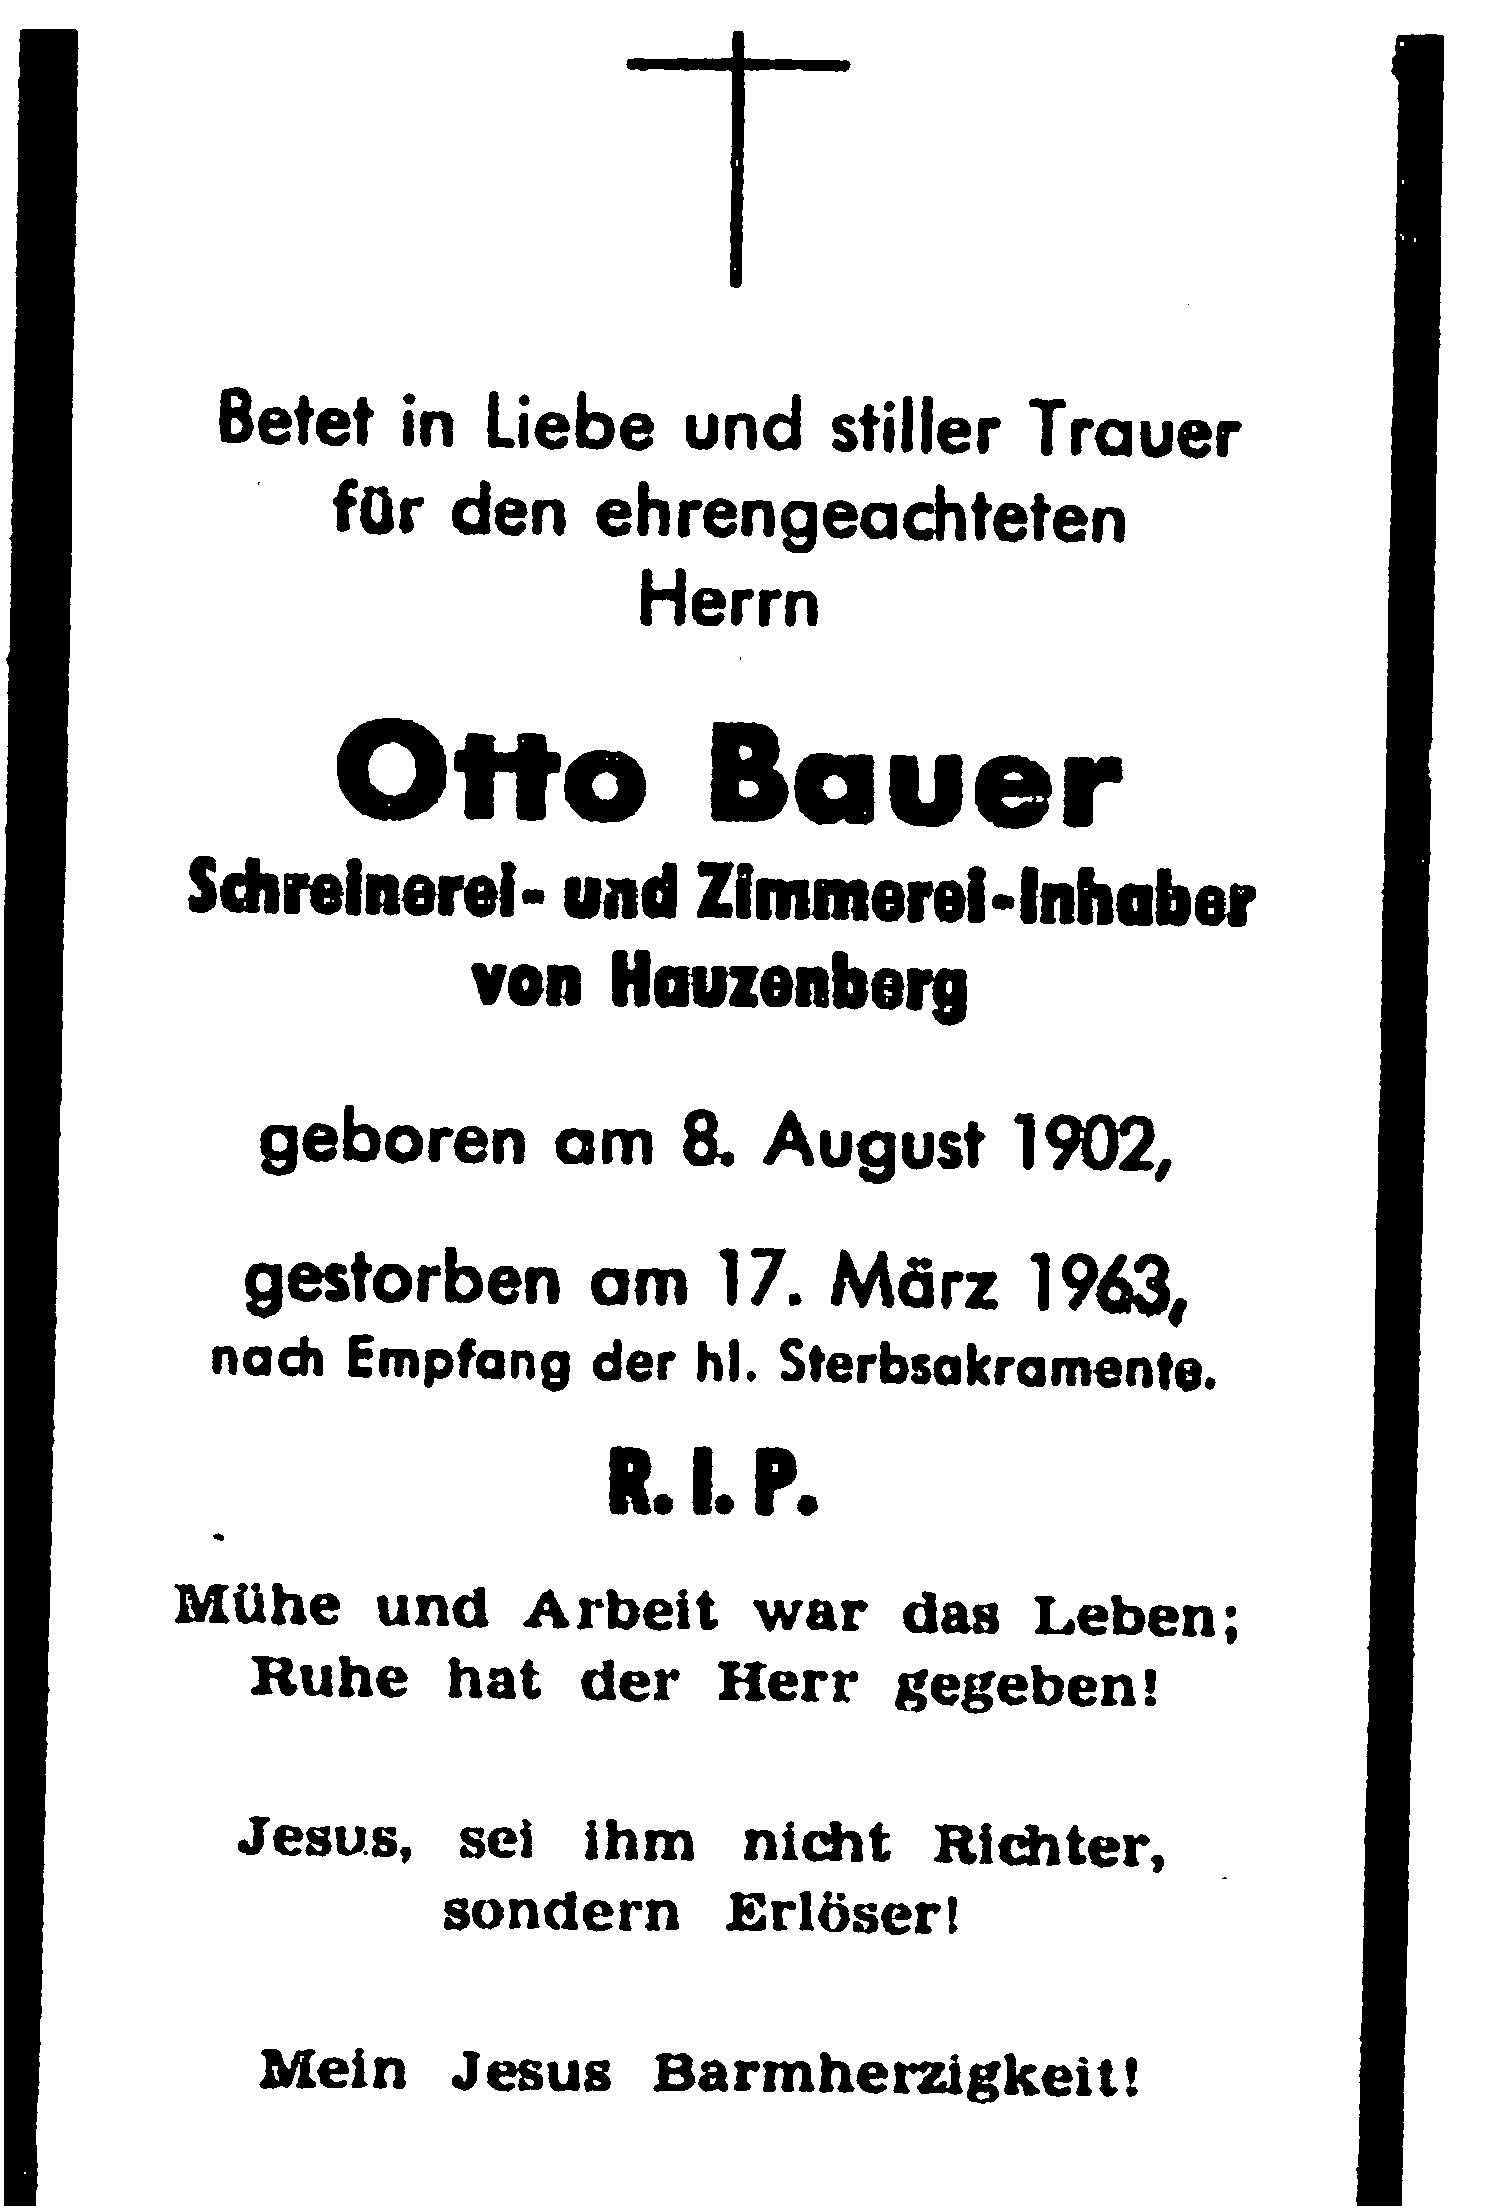 1963-03-17-Bauer-Otto-Hauzenberg-Zimmerei-Inhaber